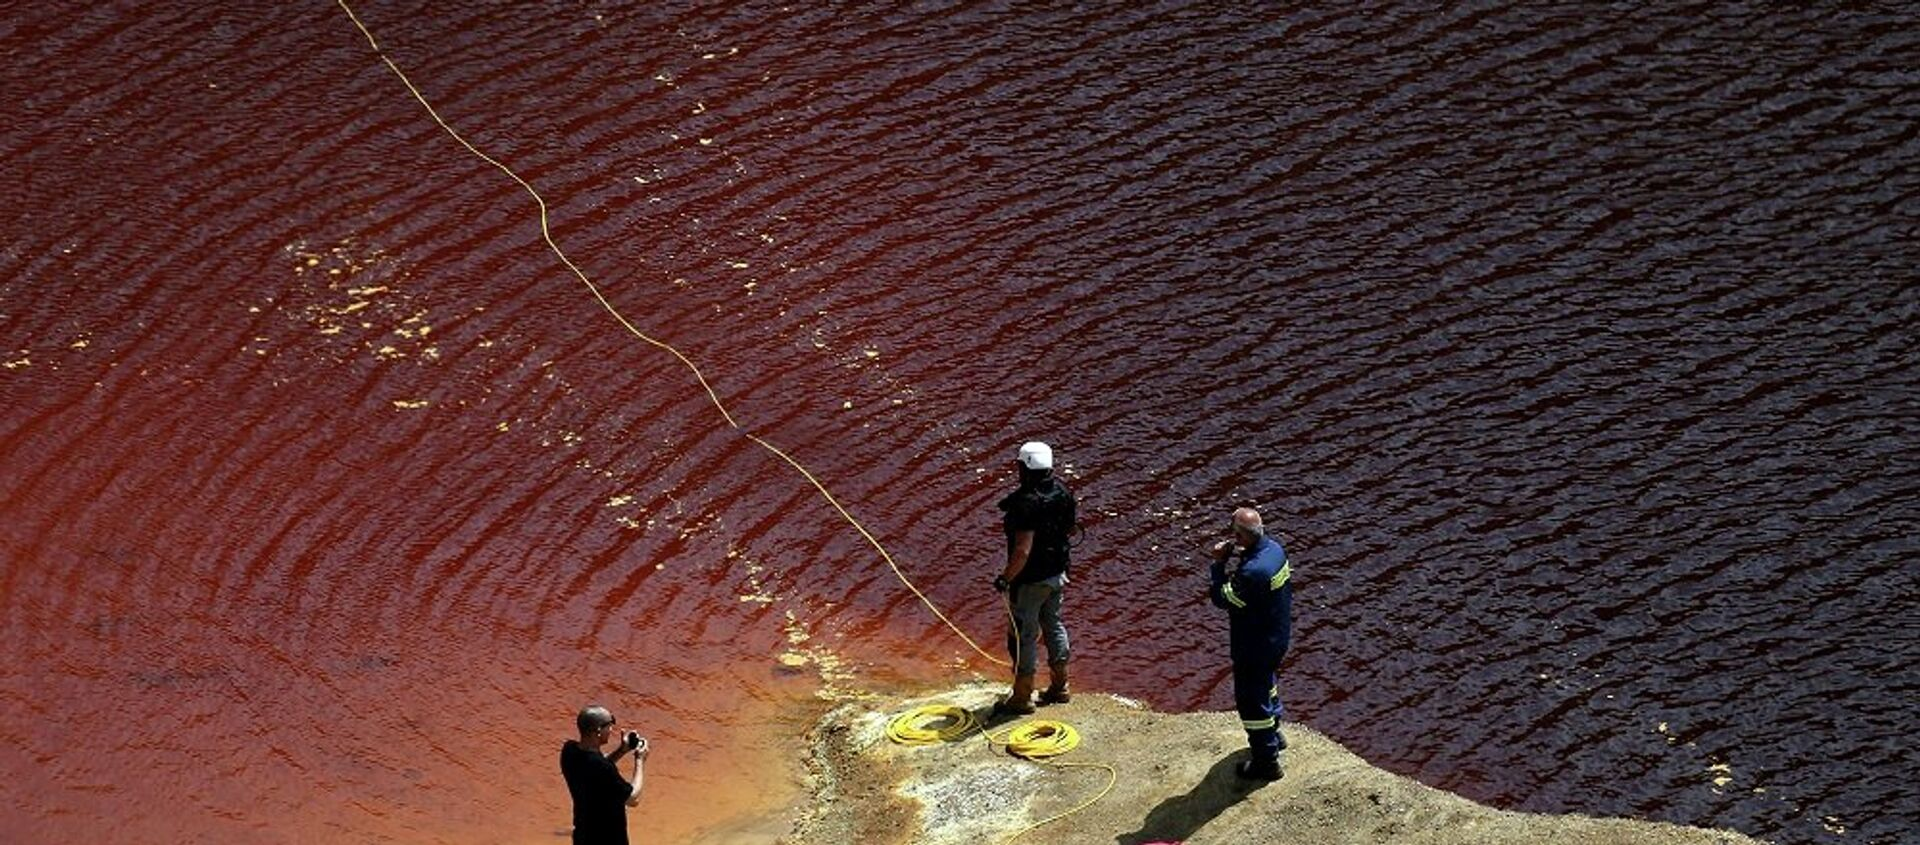 Έρευνες στην Κόκκινη Λίμνη στο Μιτσερό - Sputnik Ελλάδα, 1920, 06.09.2019